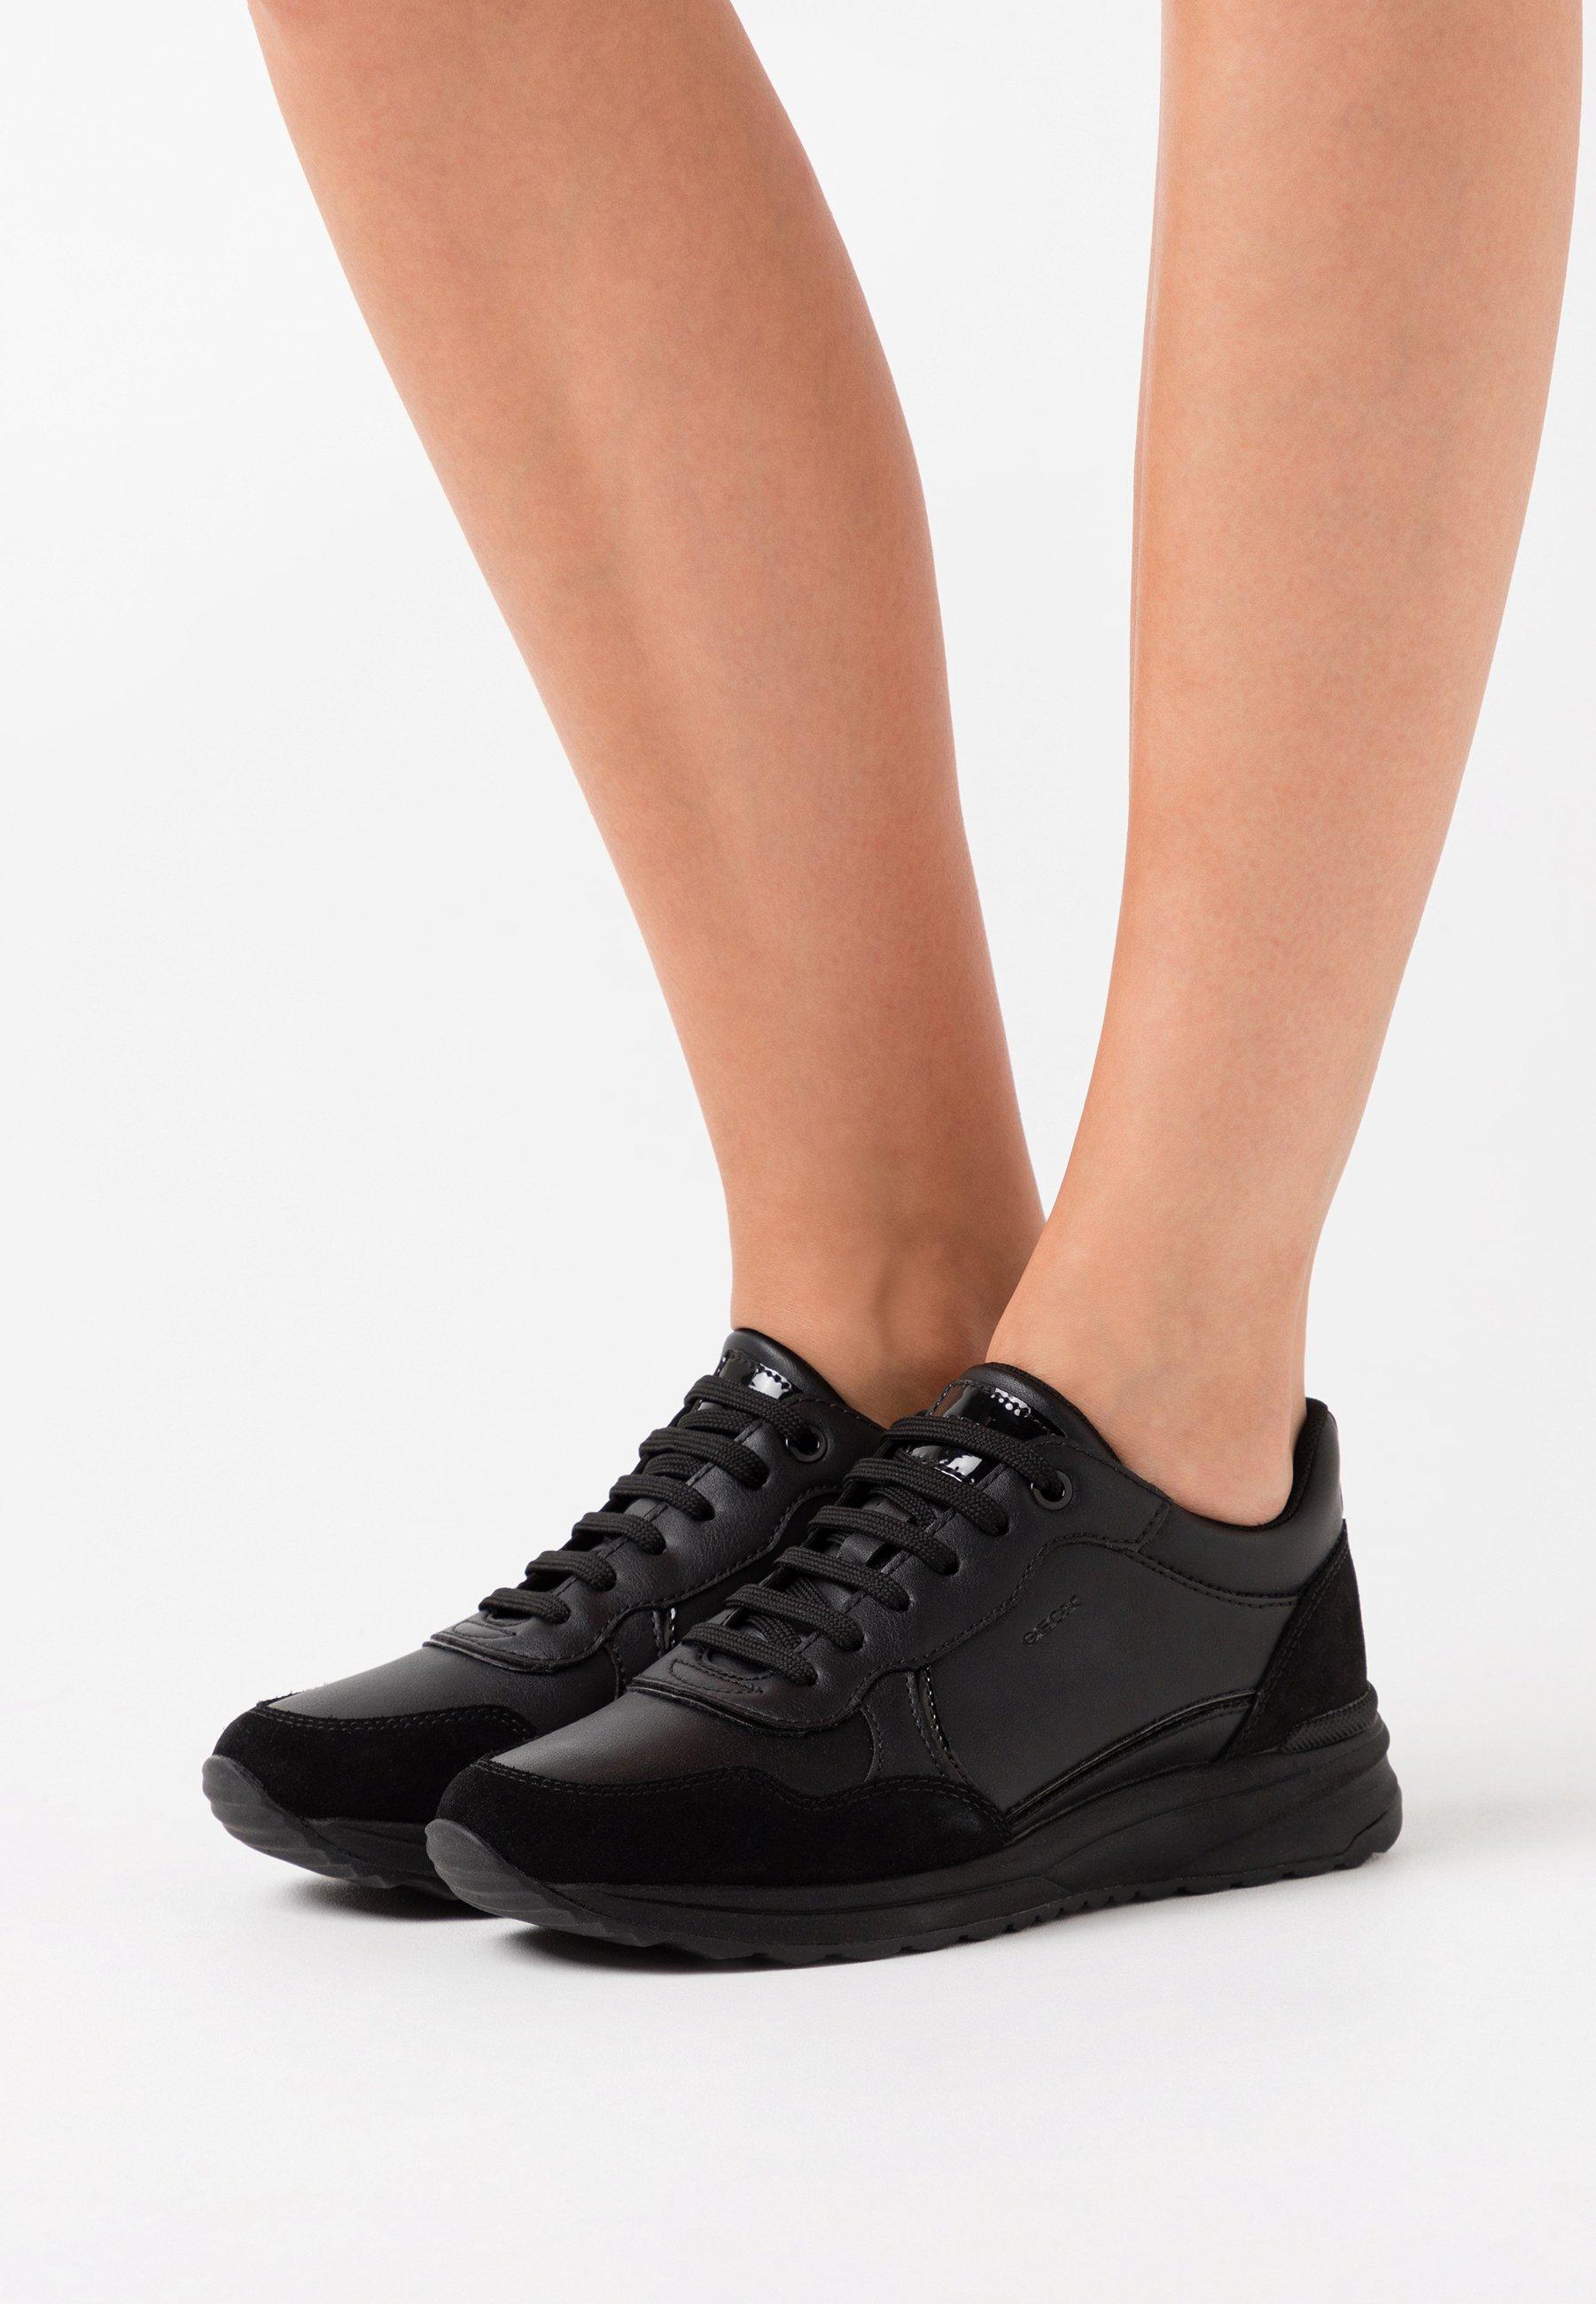 tanio Zniżka Geox AIRELL - Sneakersy niskie - black   Obuwie damskie 2020 HH523